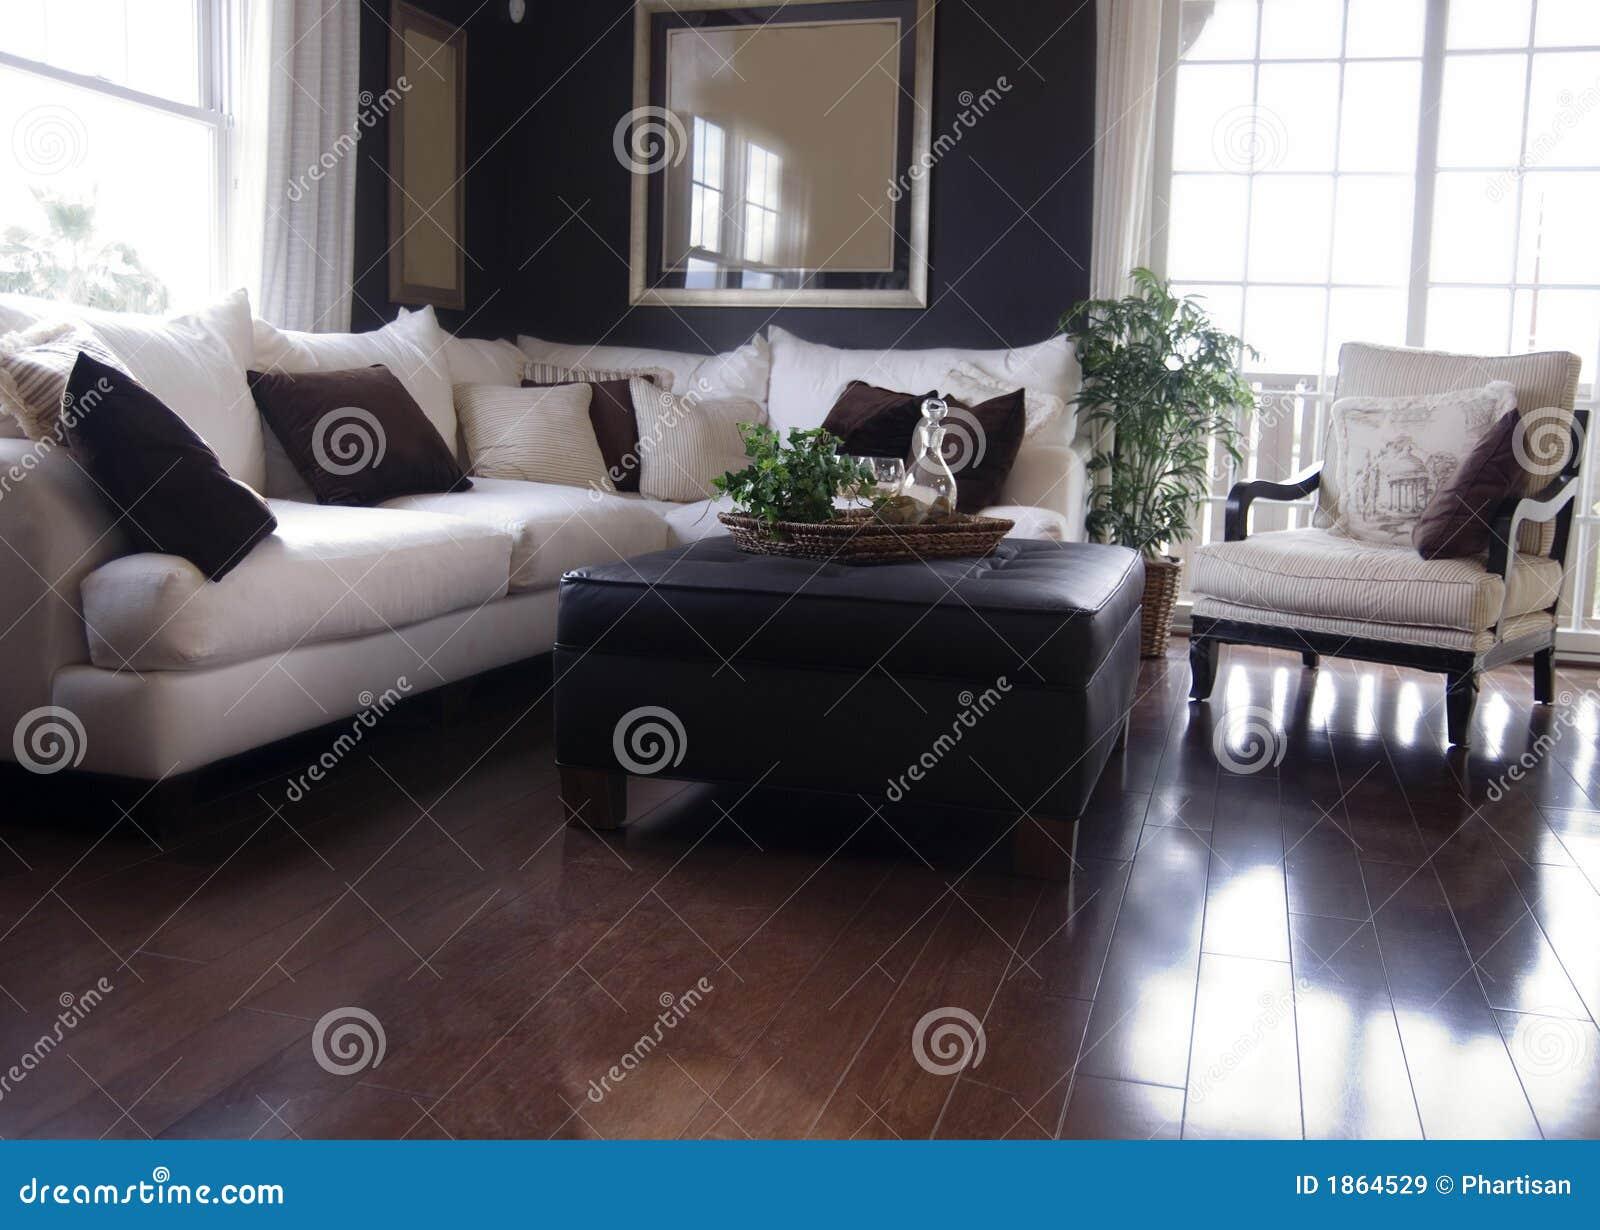 Modernes wohnzimmer lizenzfreie stockbilder bild 1864529 for Wohnzimmer junggeselle